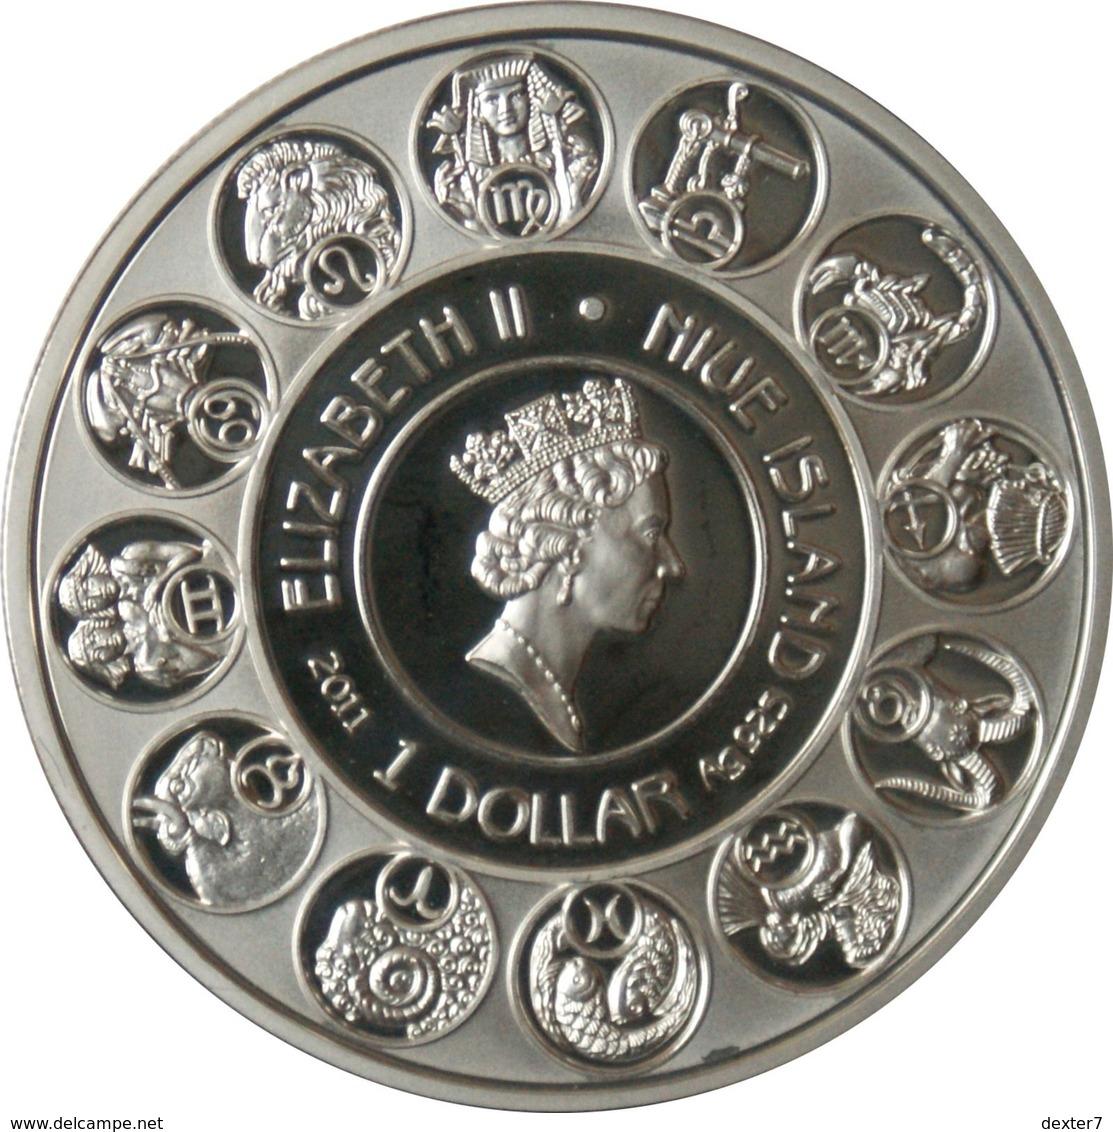 Niue, Mucha Zodiac ARIES 2011 Silver 925 Sterling Box CoA - Zodiaco Segno Zodiacale ARIETE Argento 925 - Niue